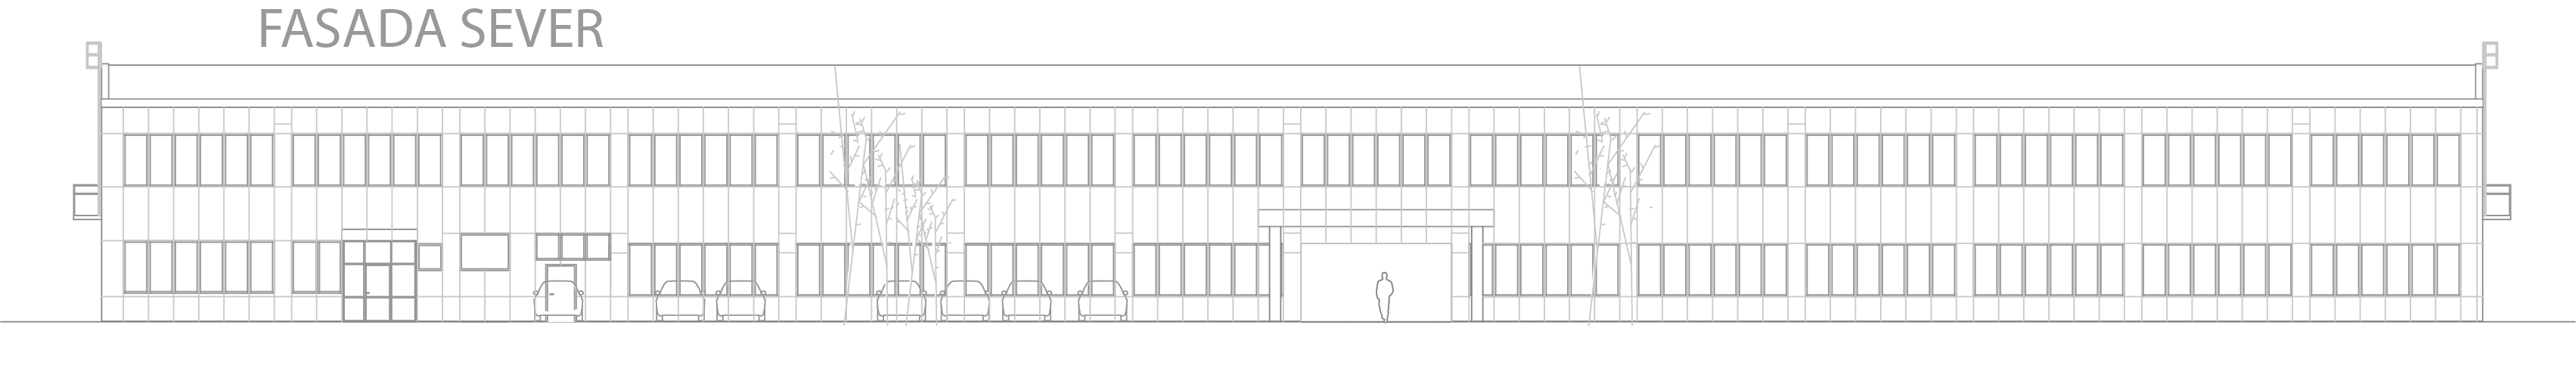 fasada-sever